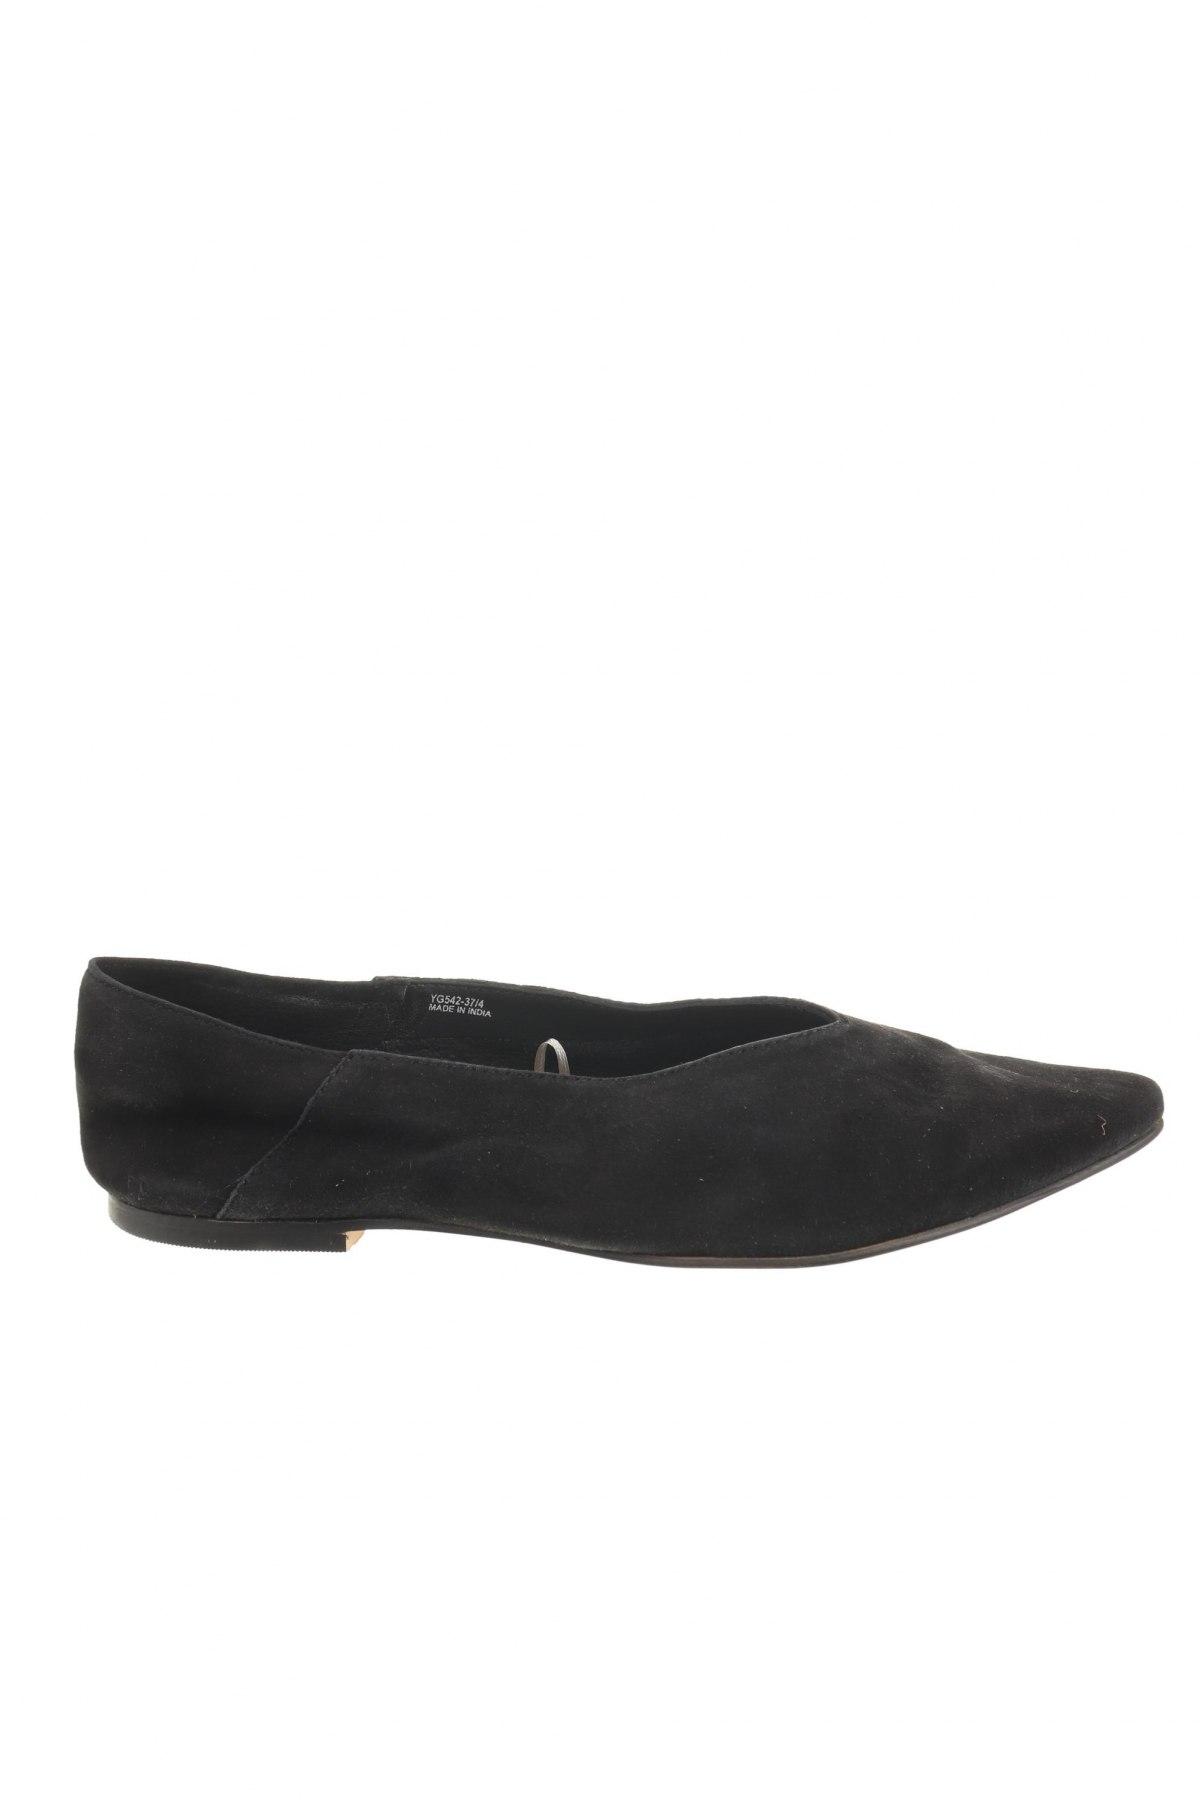 Γυναικεία παπούτσια Reserved, Μέγεθος 37, Χρώμα Μαύρο, Φυσικό σουέτ, Τιμή 10,55€